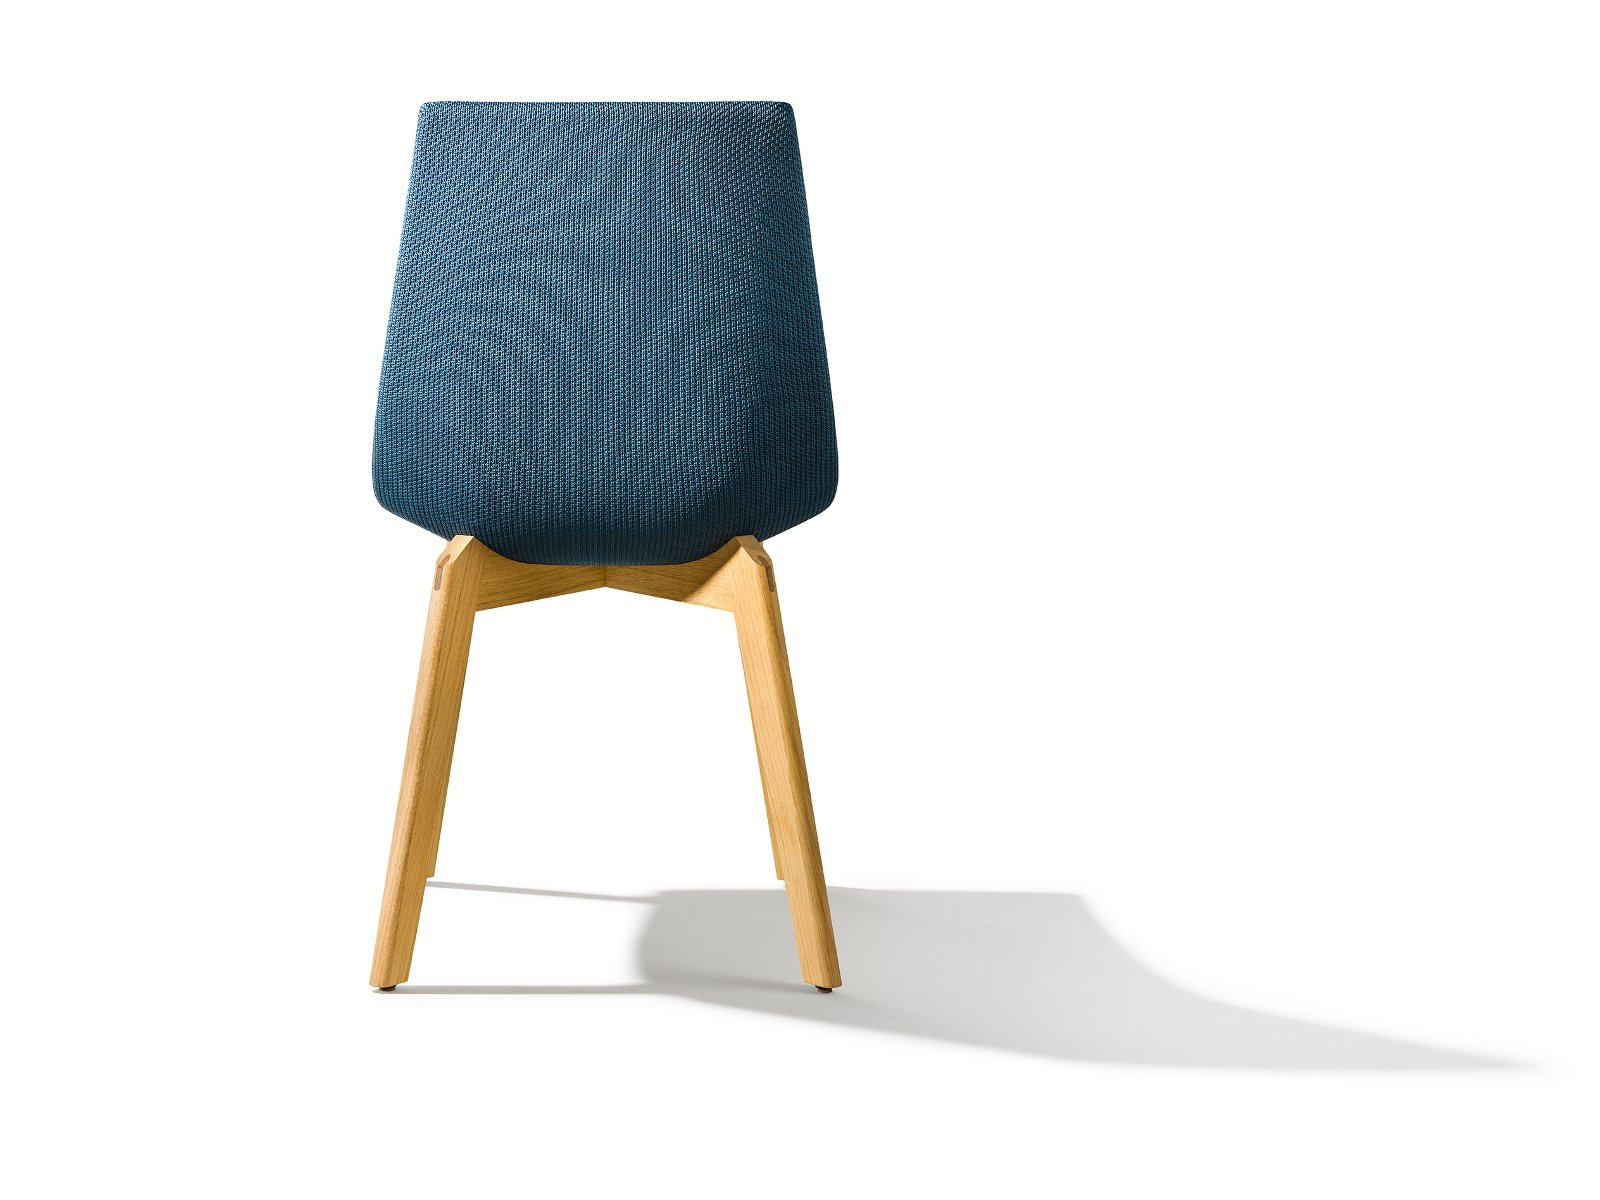 lui stuhl aus stoff by team 7 nat rlich wohnen design. Black Bedroom Furniture Sets. Home Design Ideas